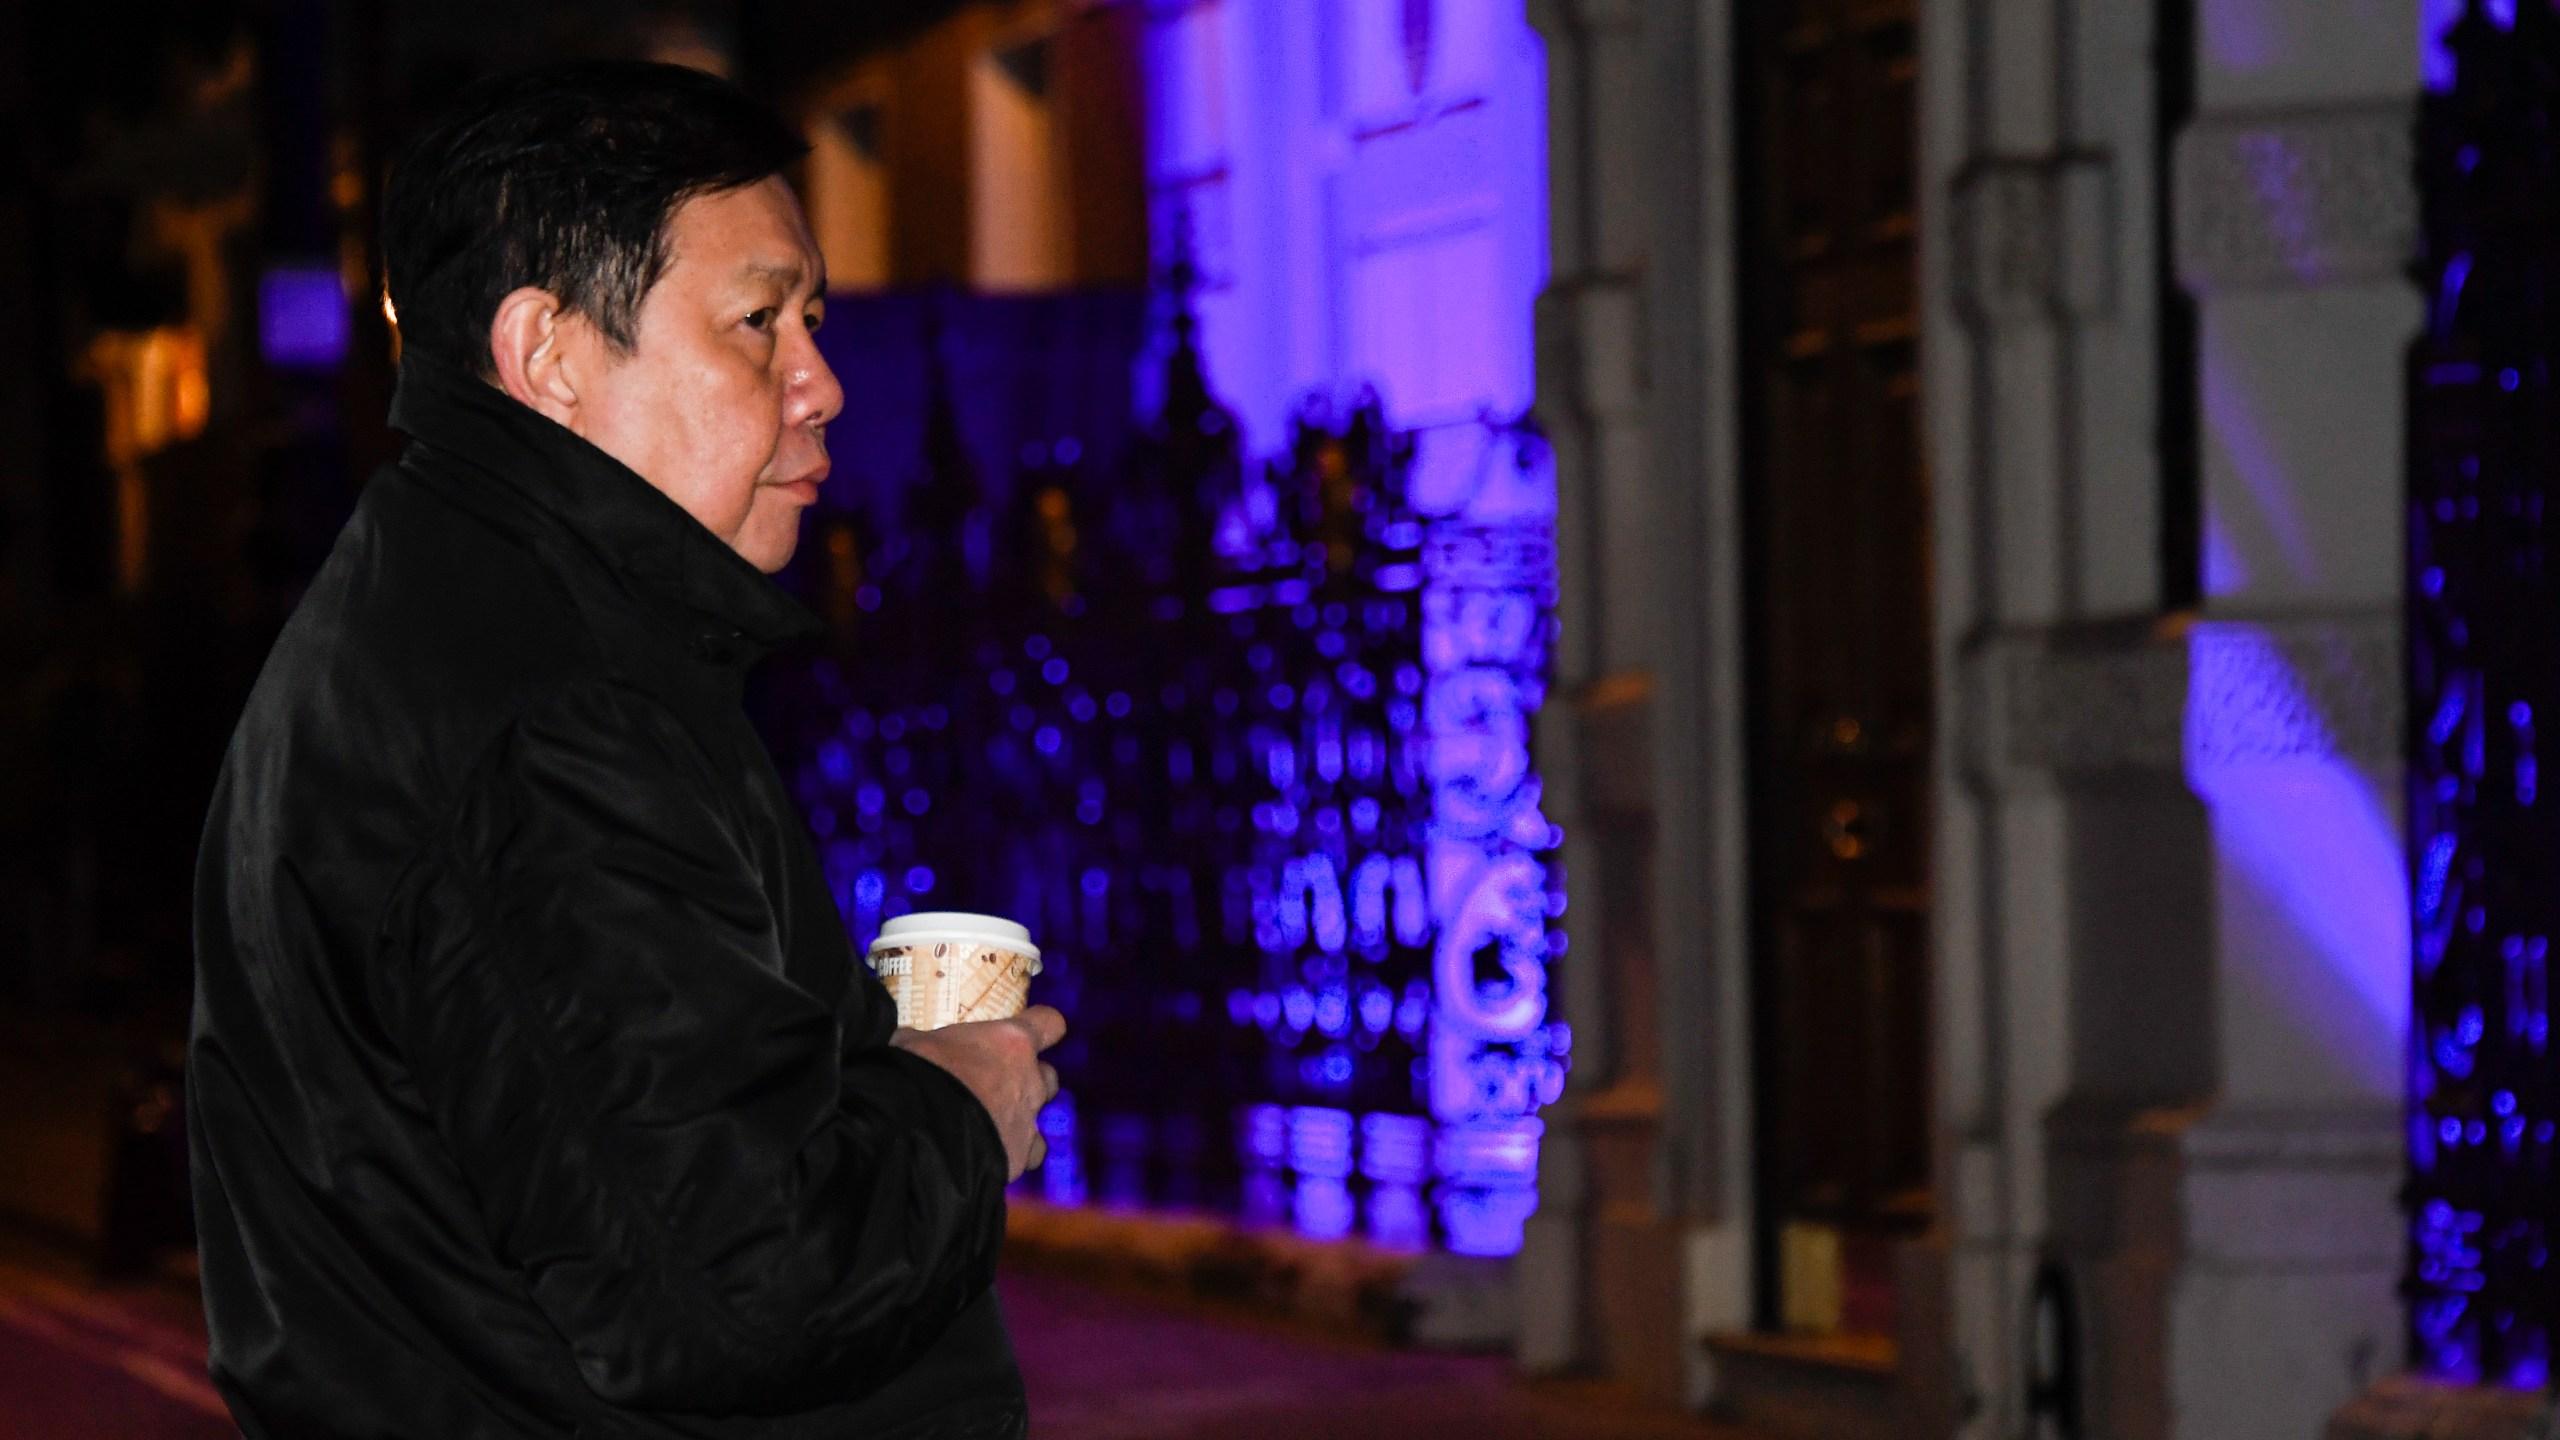 Kyaw Zwar Minn